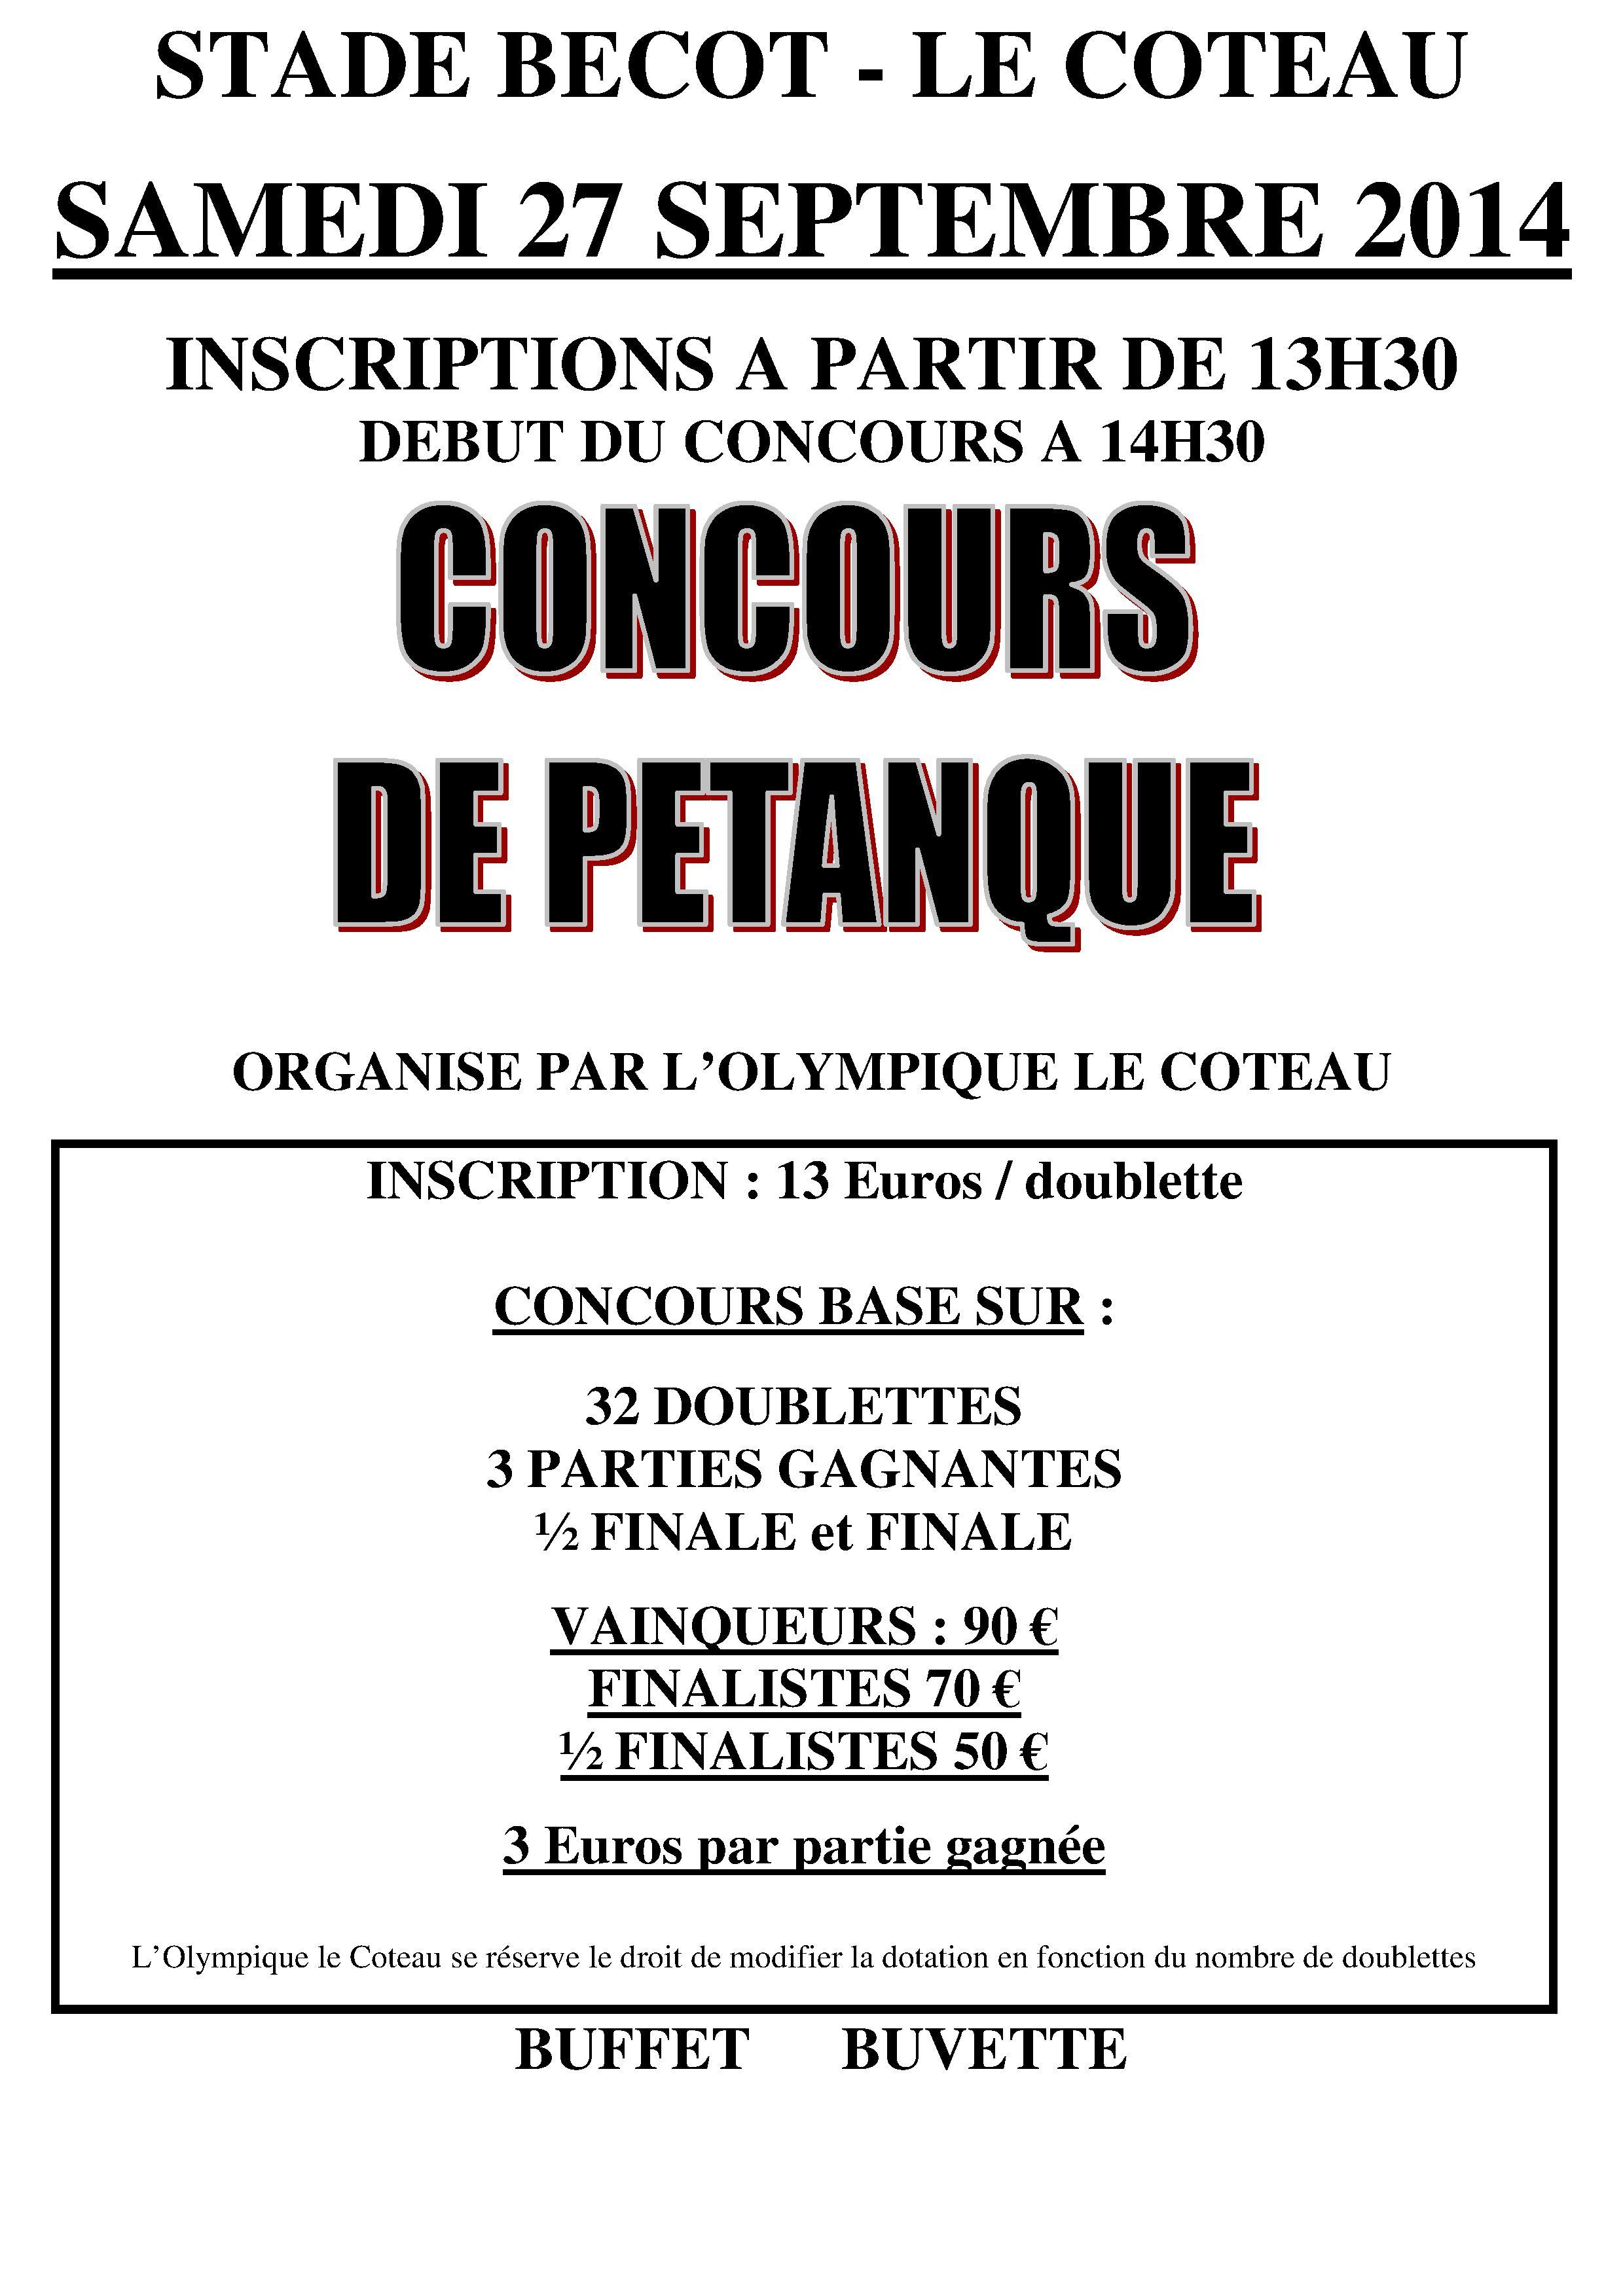 Concours de pétanque 2014 -Olympique Le Coteau